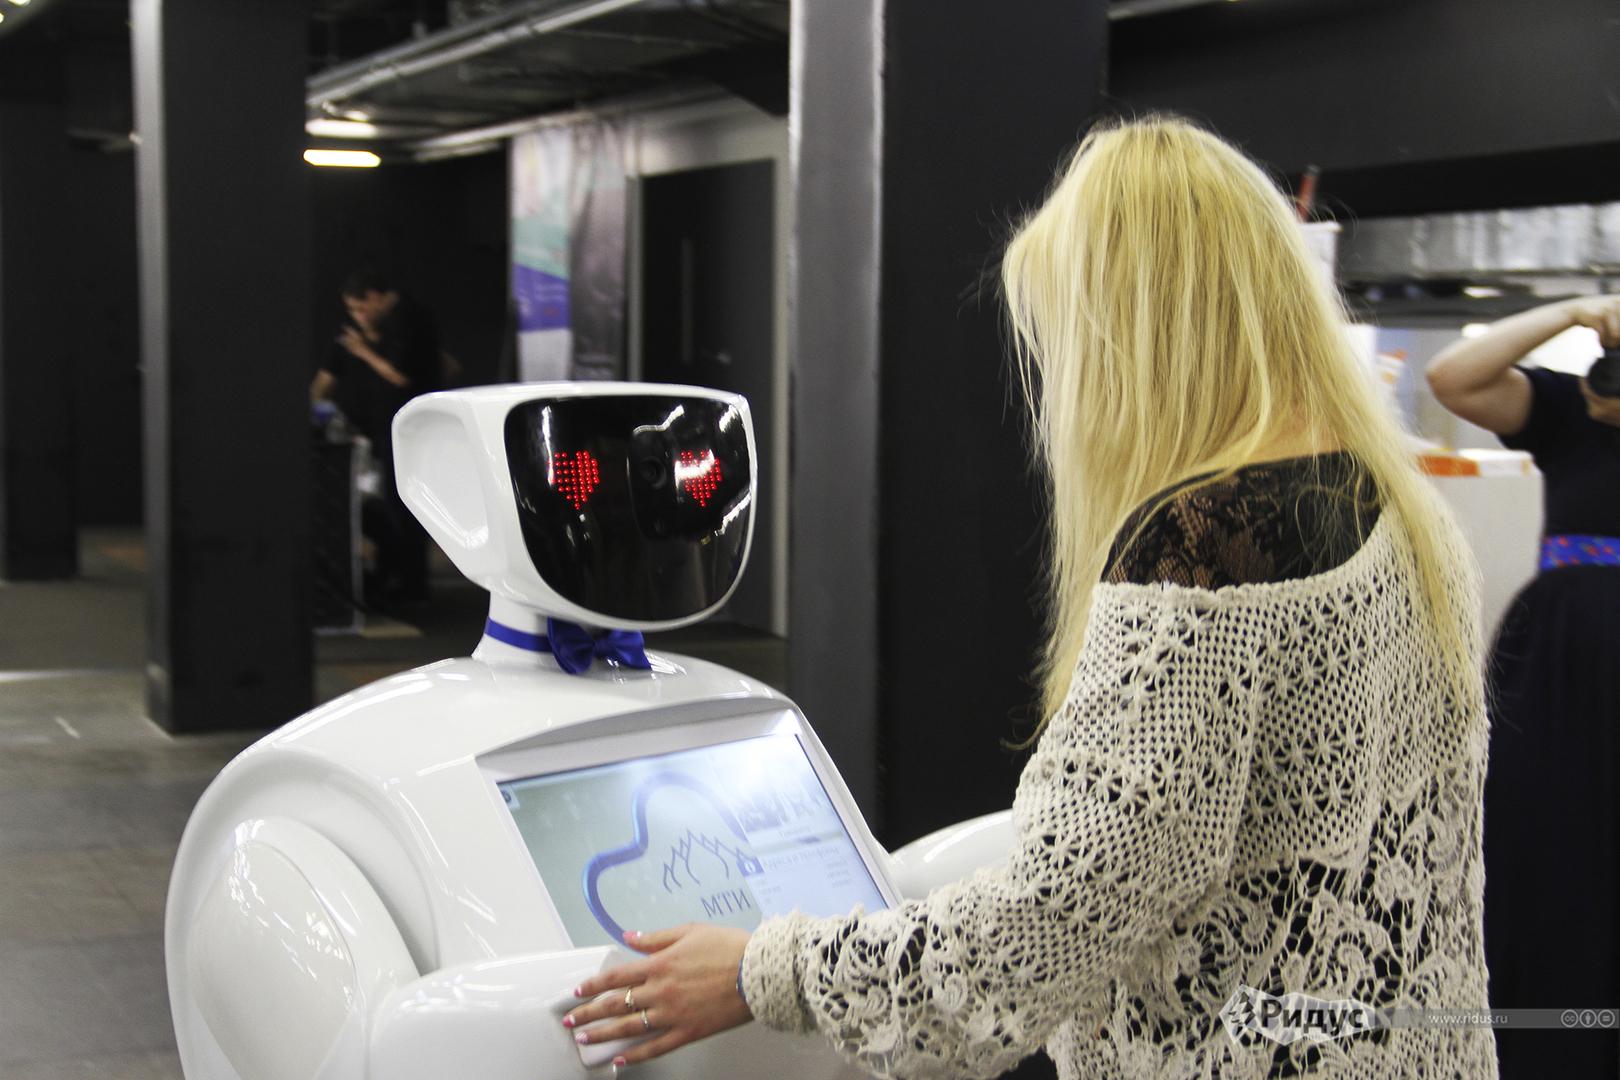 В компании МТС «вышел» на работу HR-специалист робот Вера